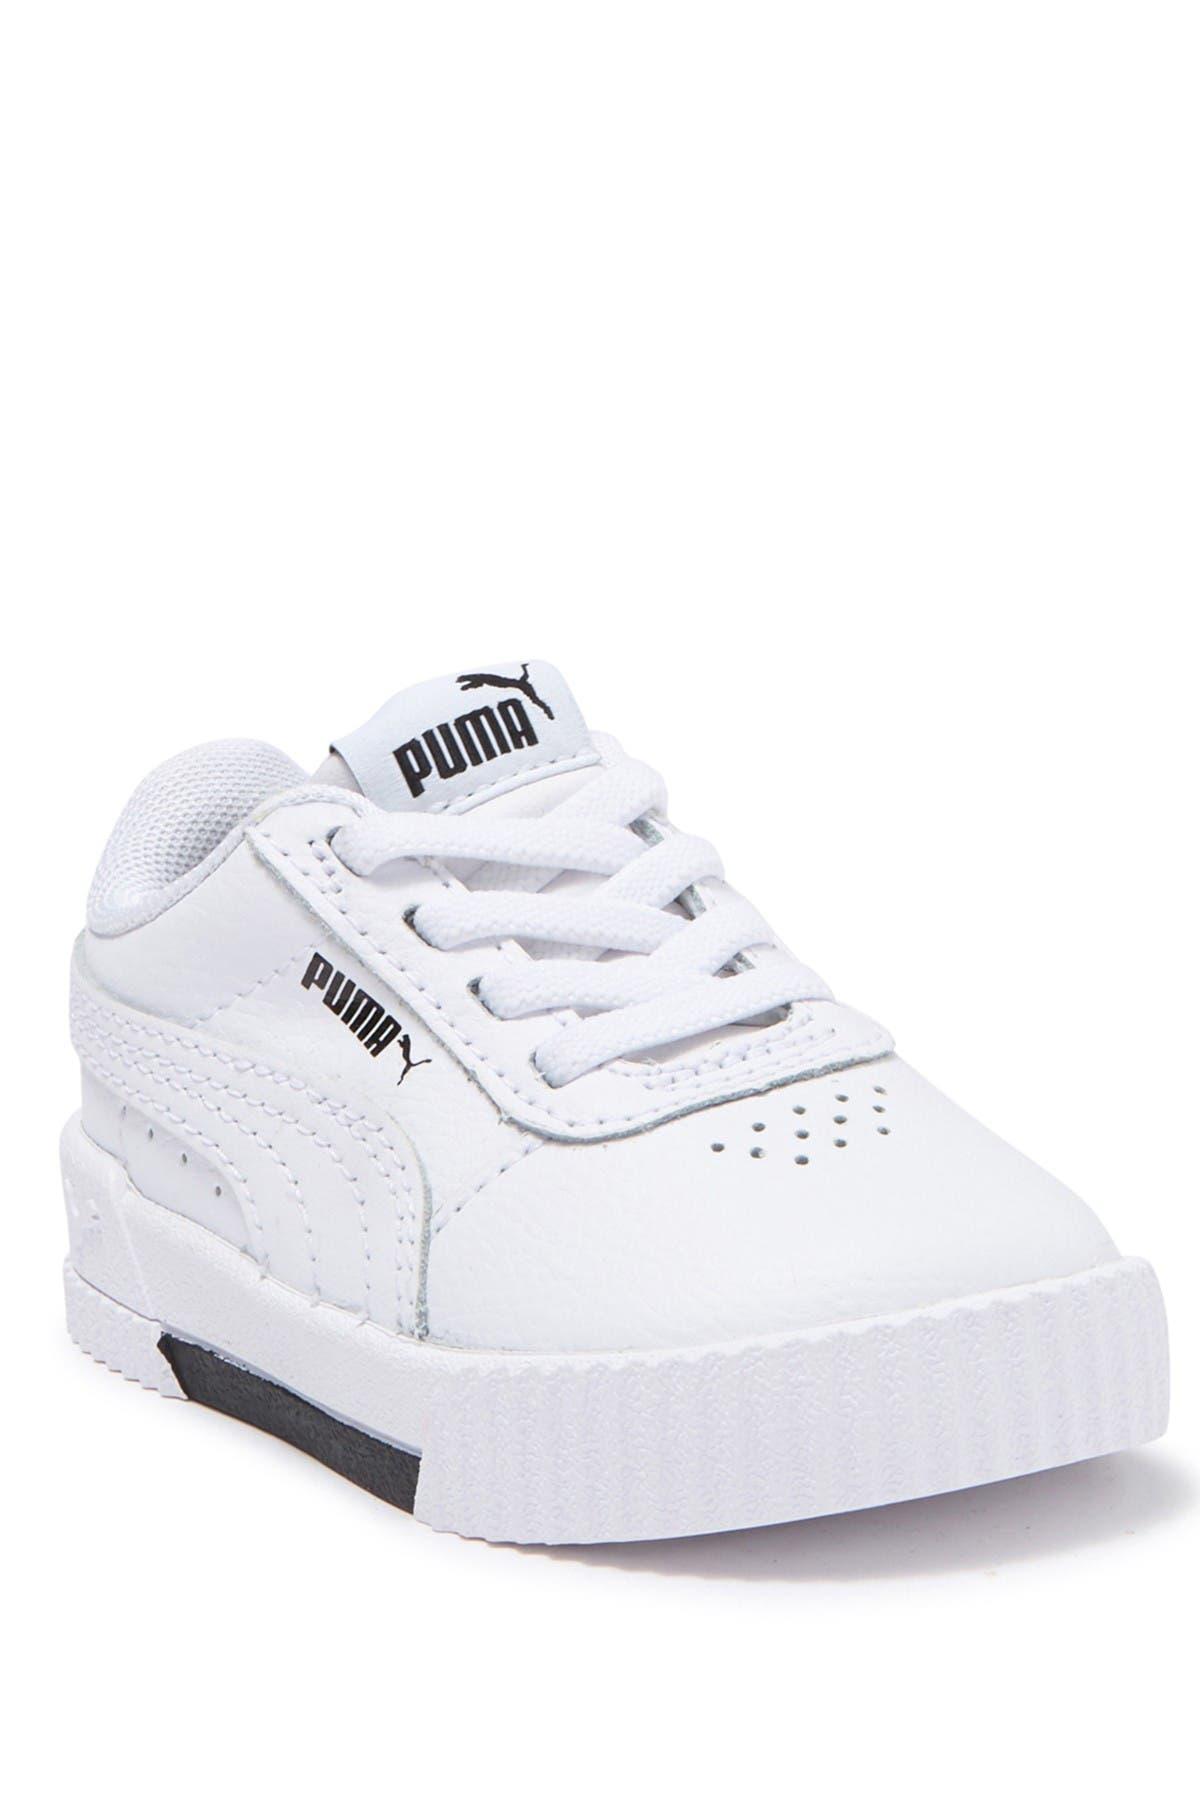 Image of PUMA Carina Sneaker